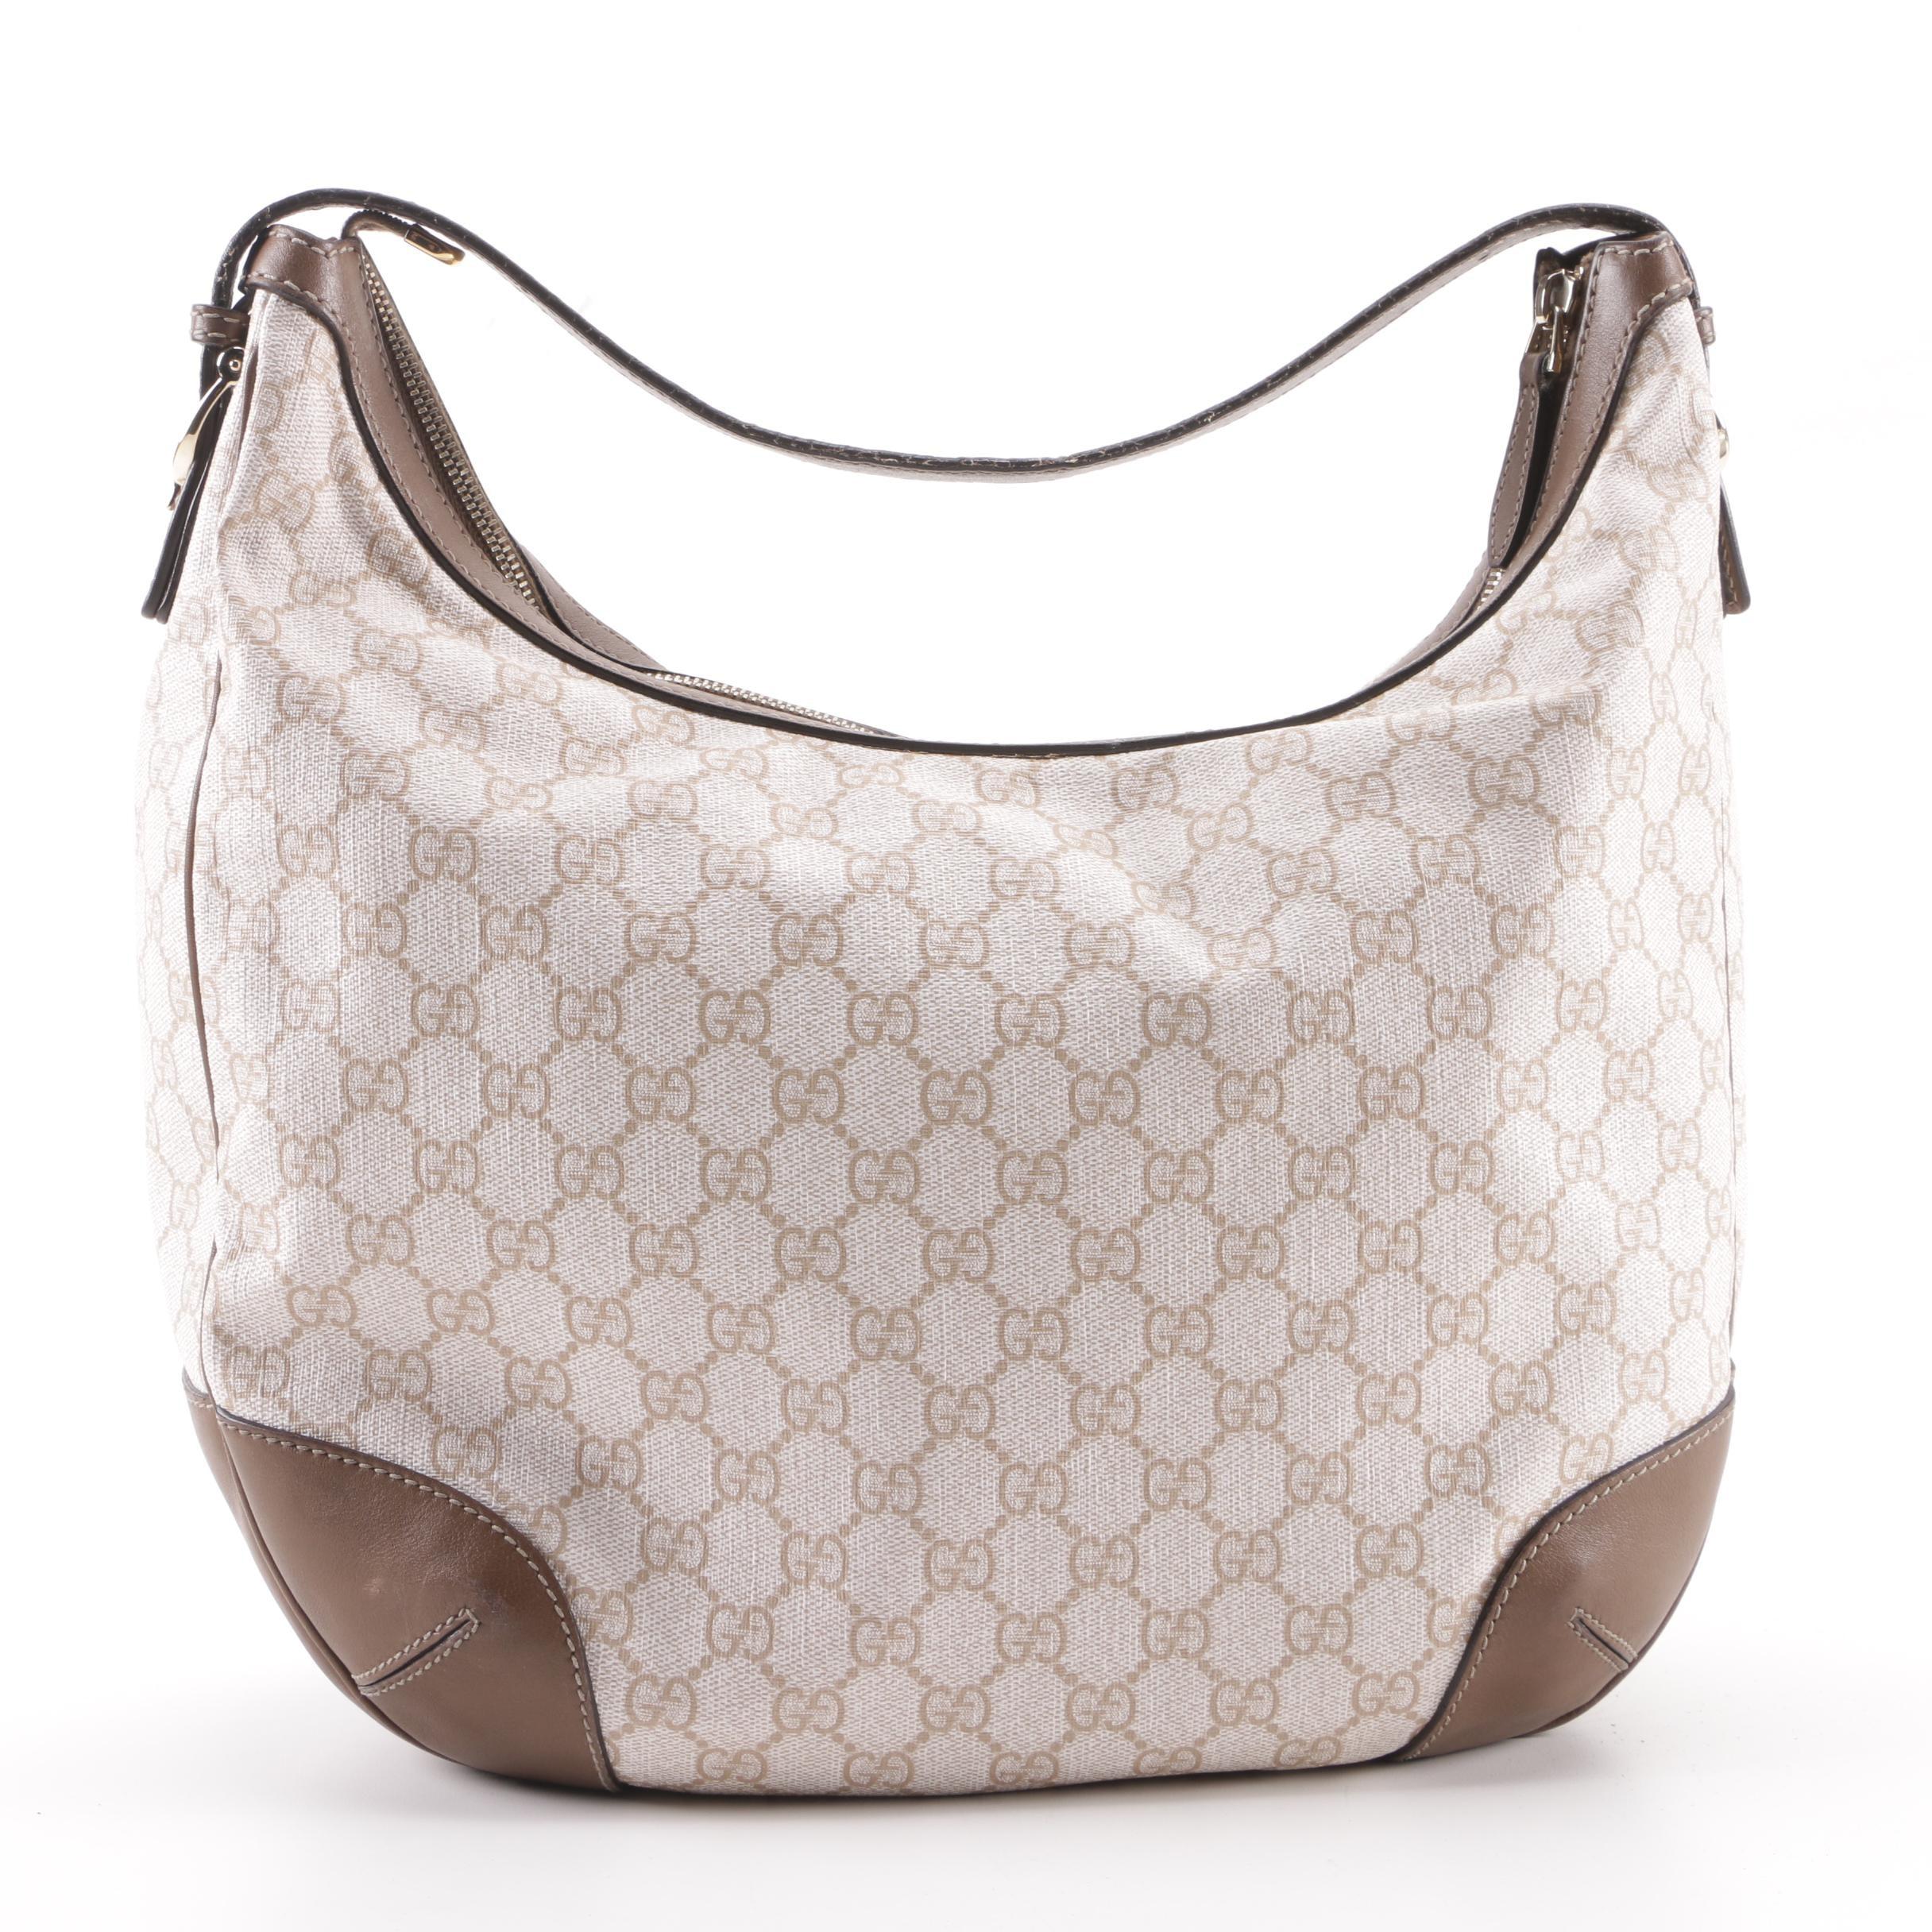 Gucci GG Supreme Canvas and Leather Hobo Bag